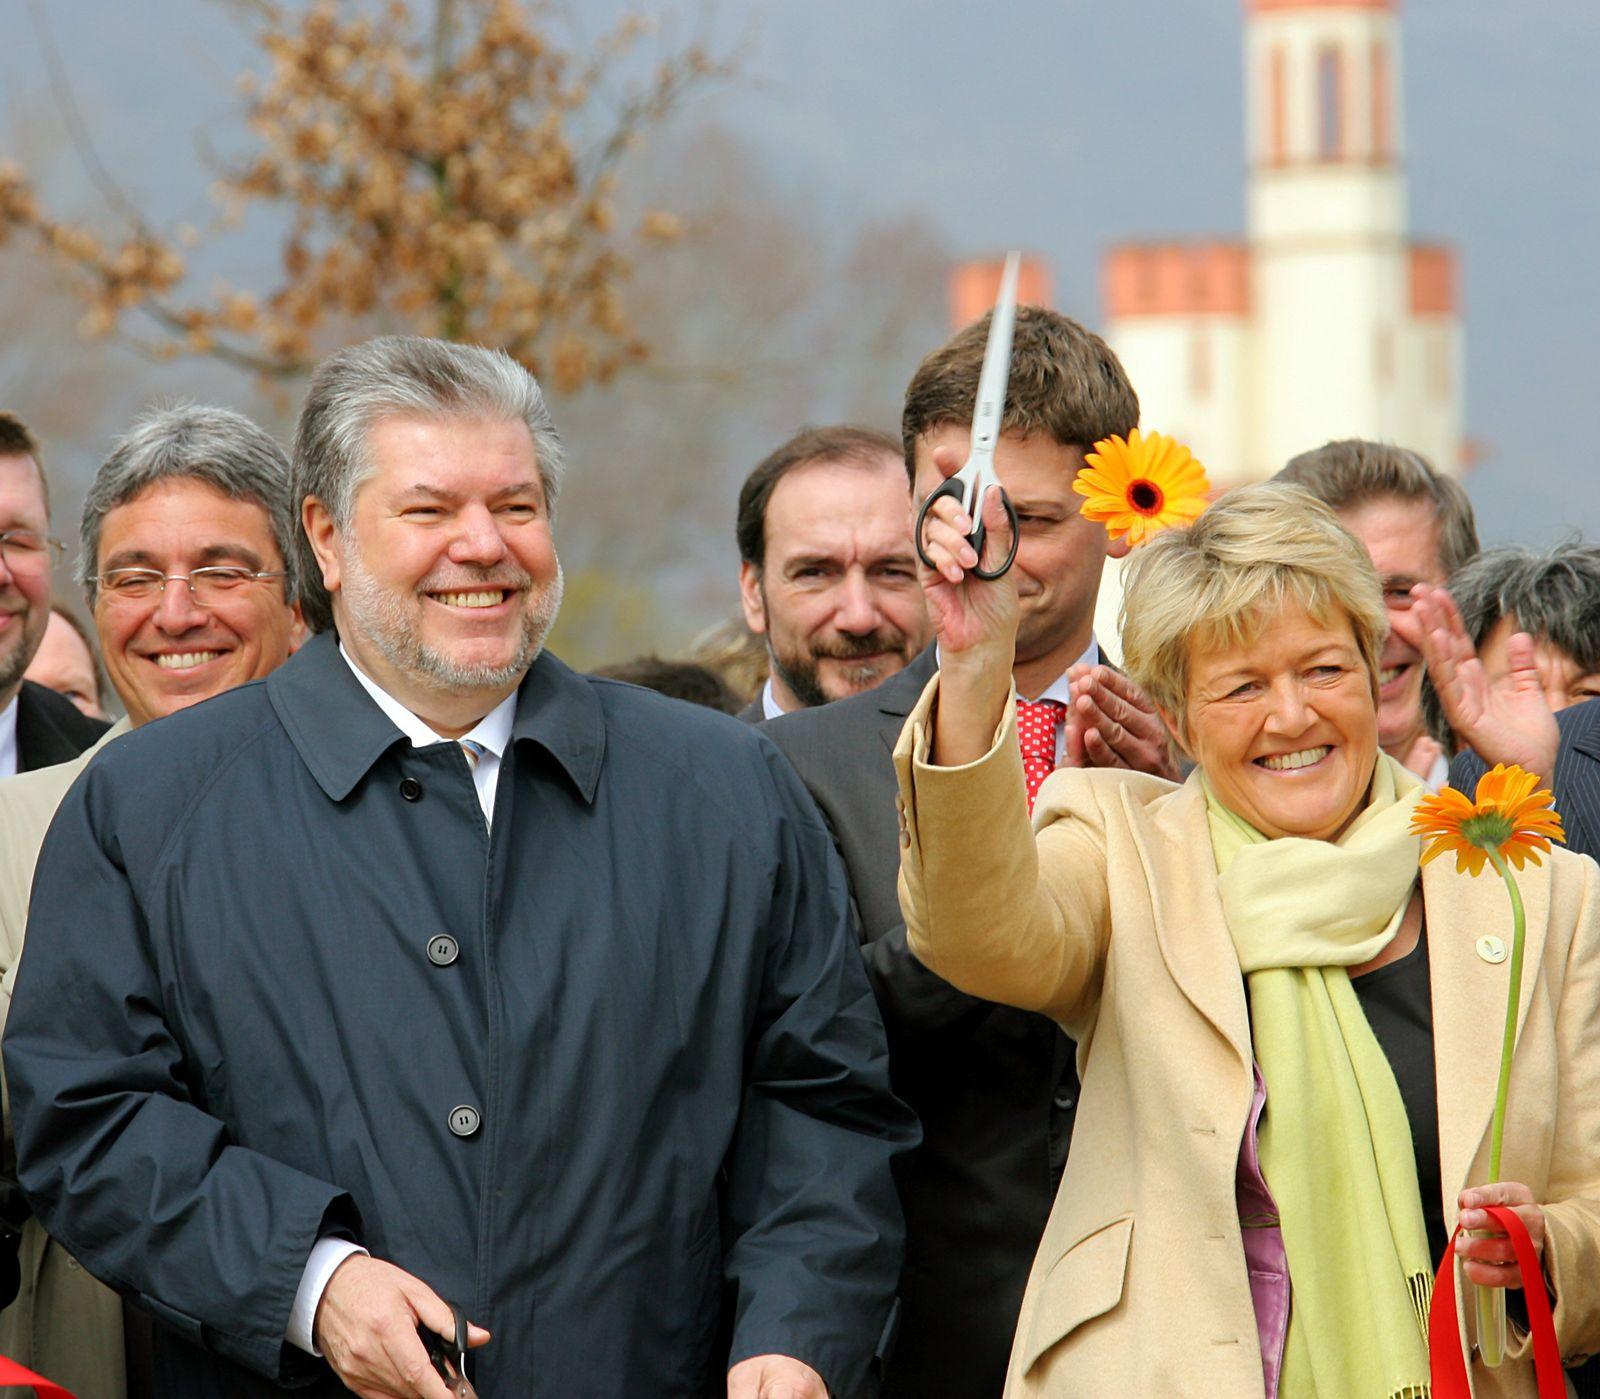 Eröffnung Landesgartenschau in Bingen - Beck und Collin-Langen